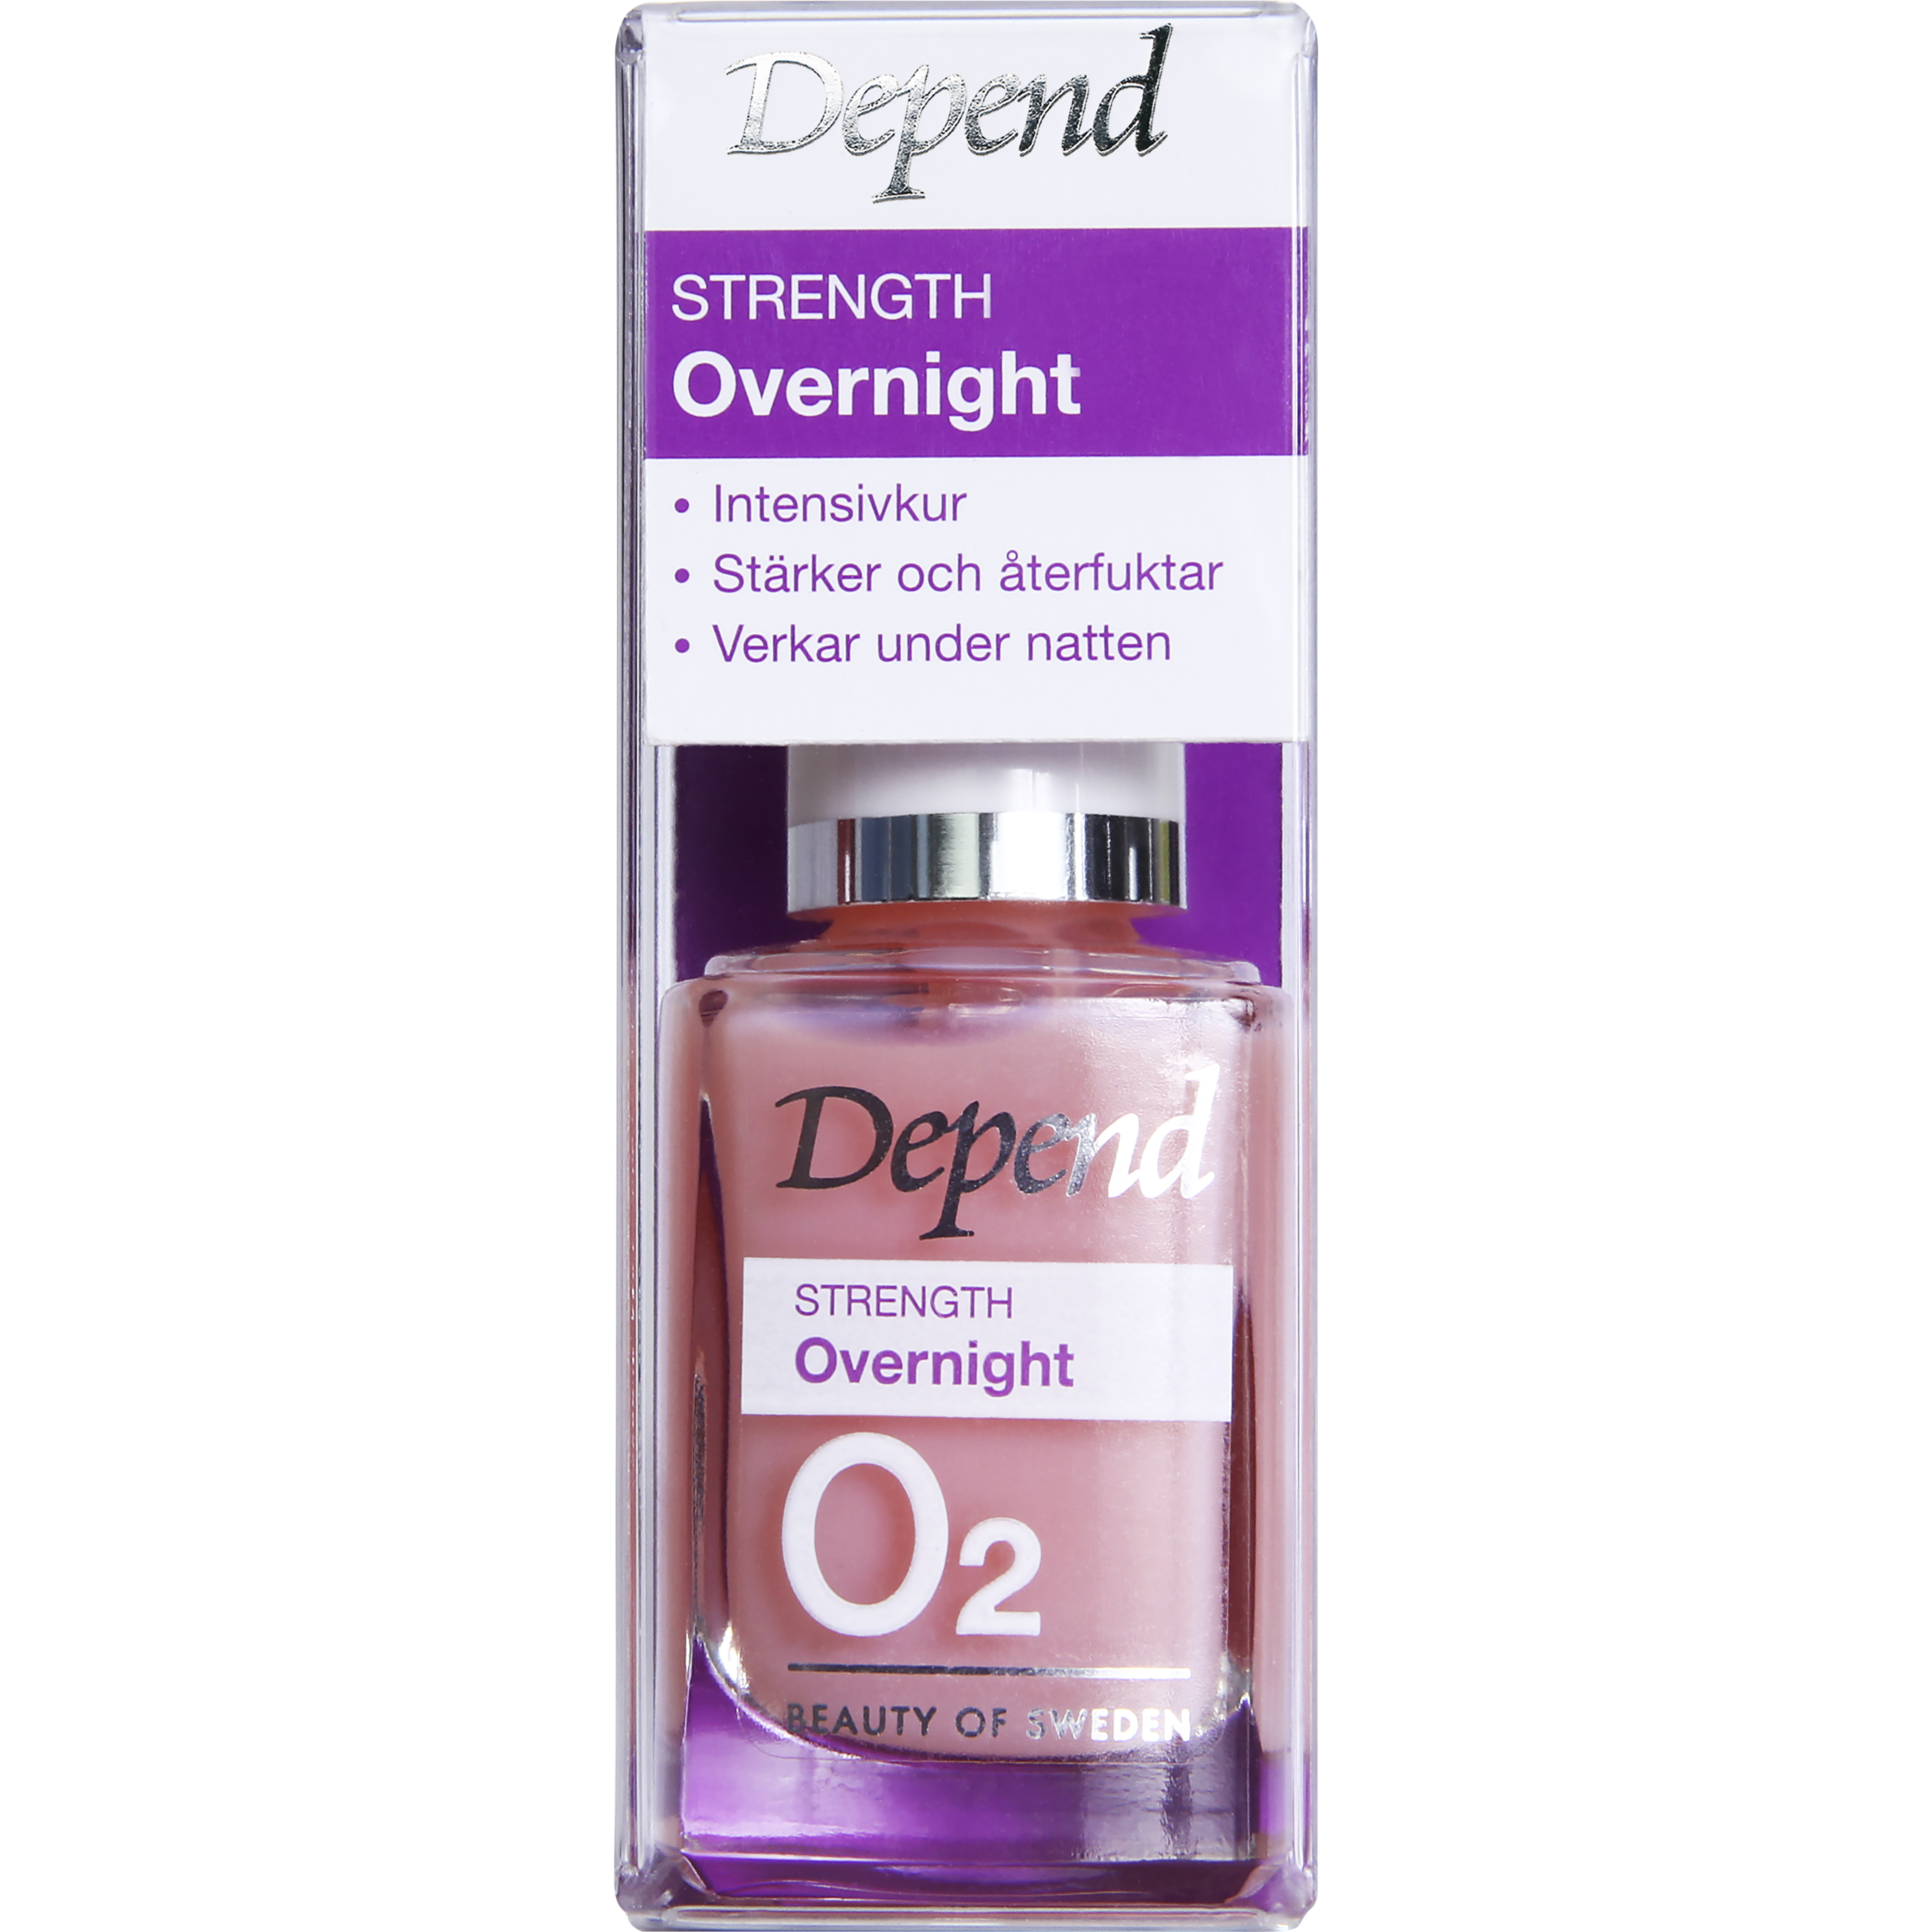 Strength Overnight